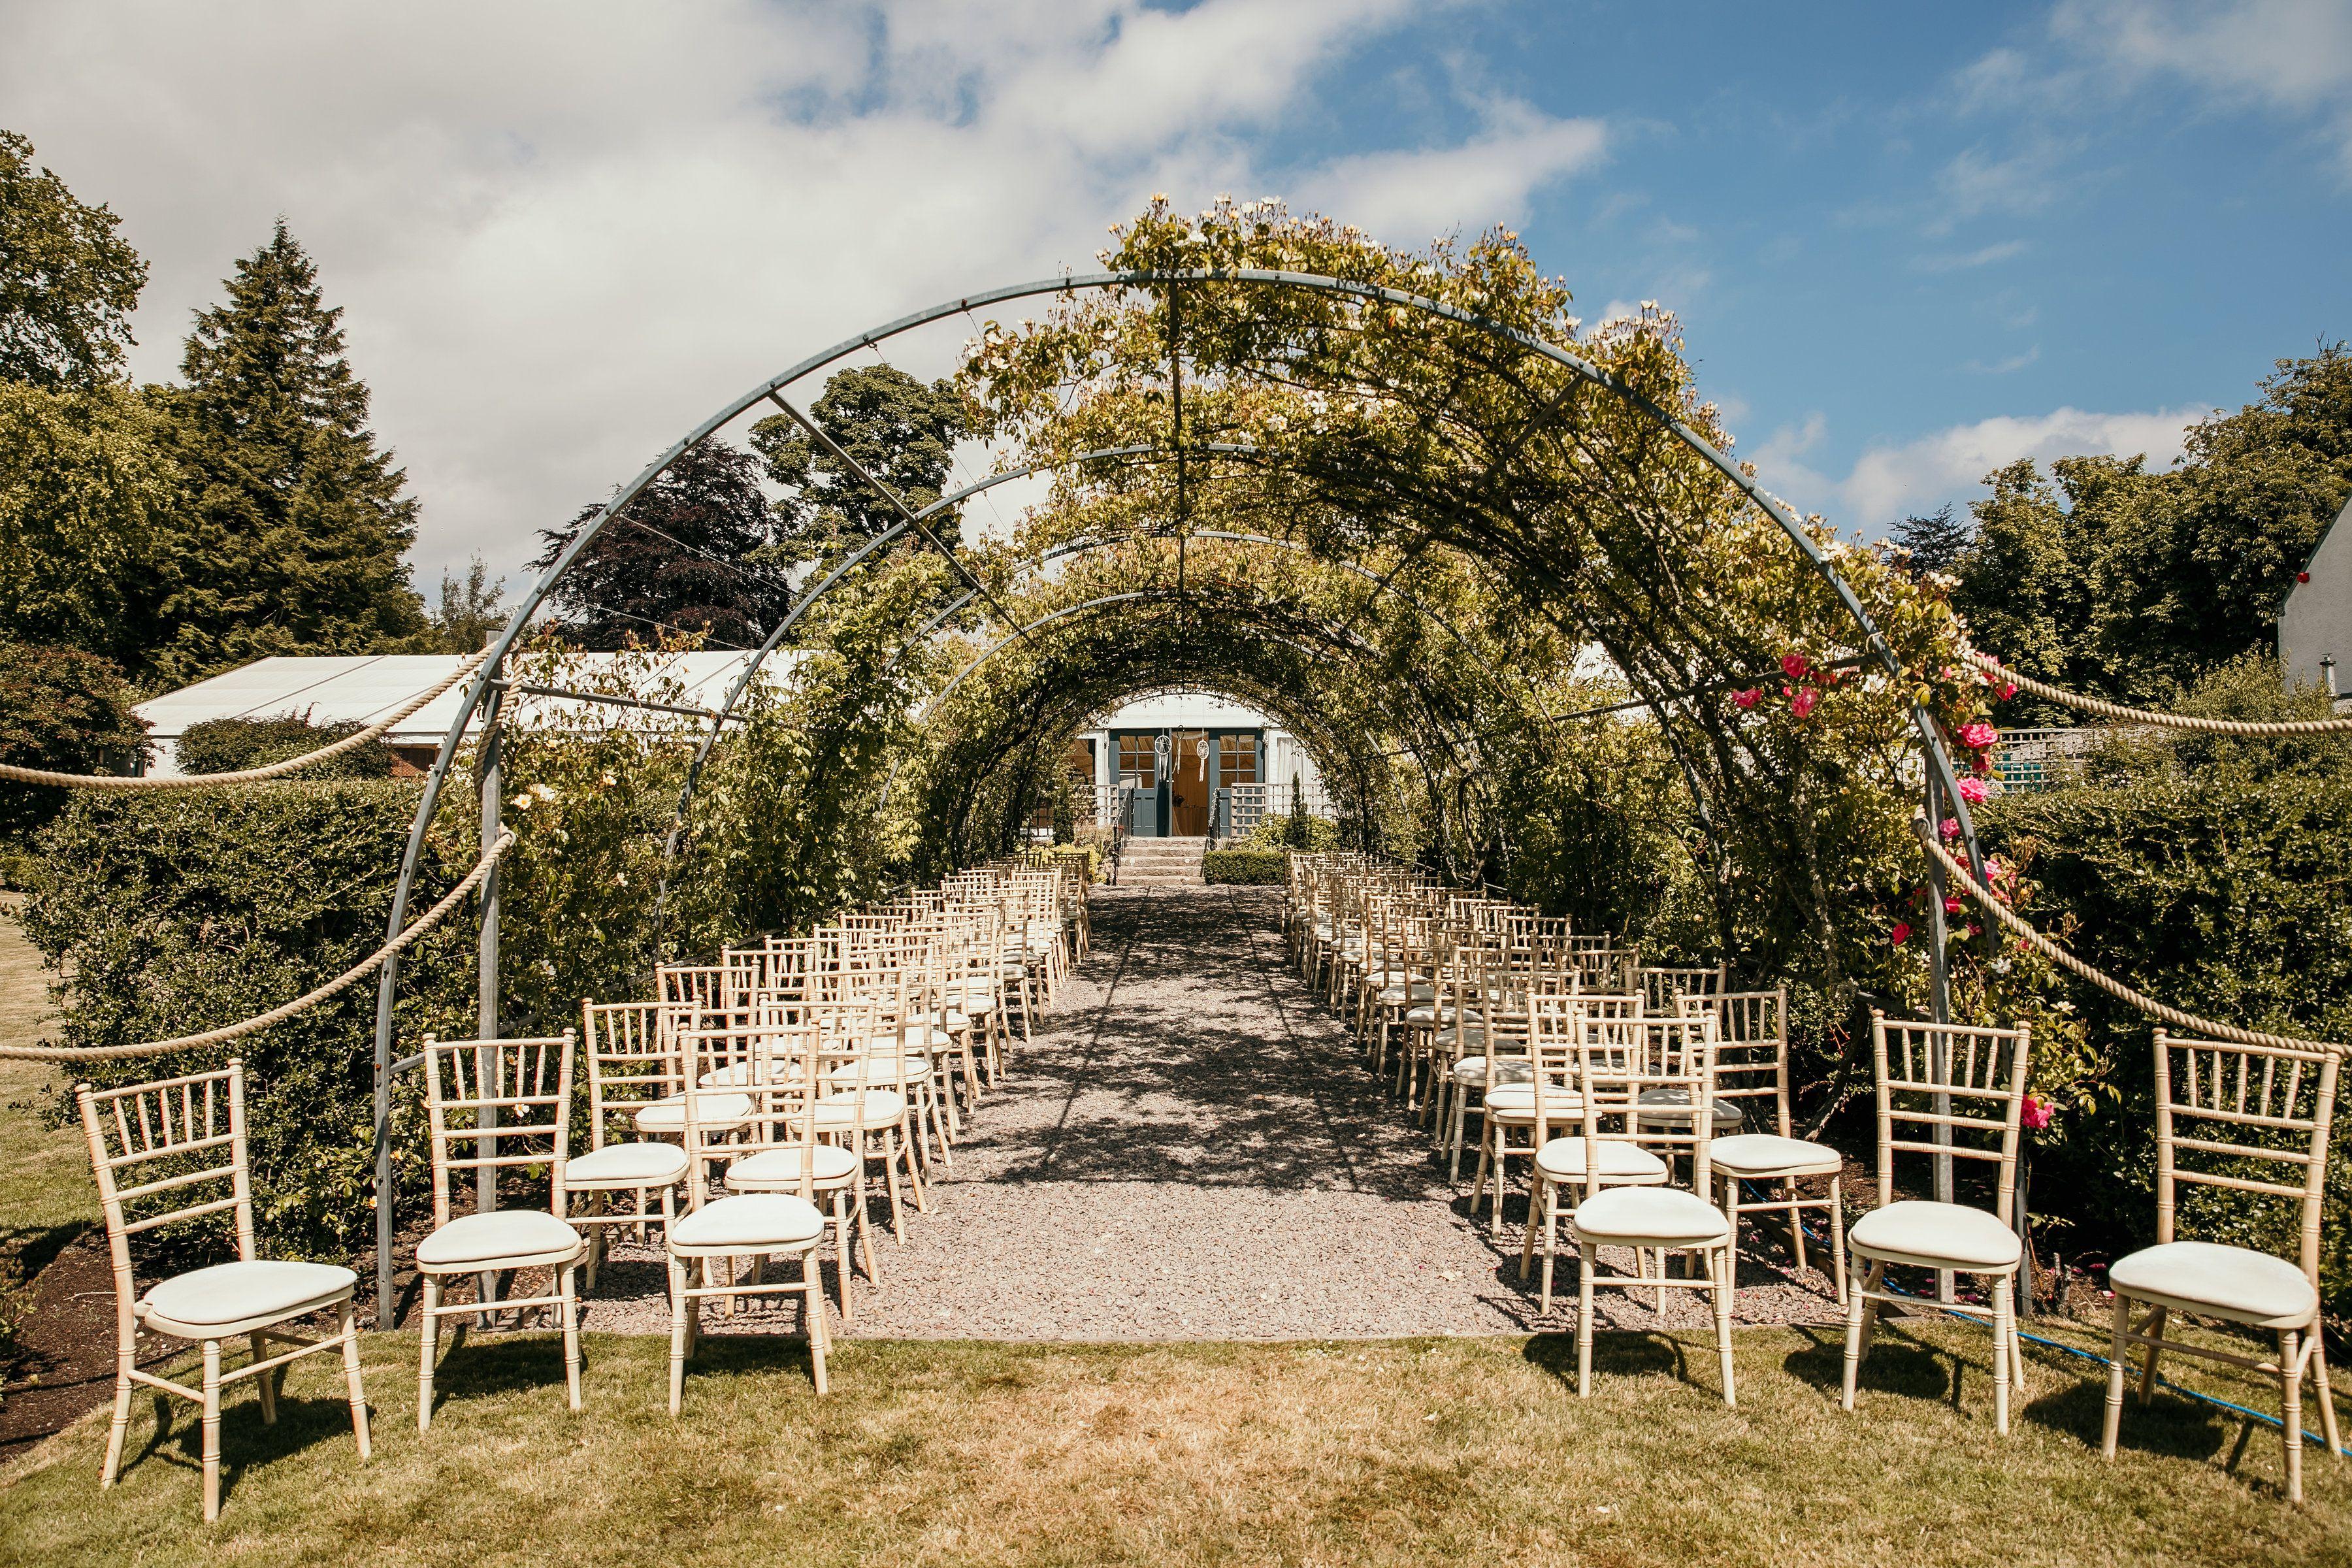 Outdoor Wedding Venue Aberdeenshire Scotland Outdoor Wedding Outdoor Wedding Venues Wedding Venues Scotland